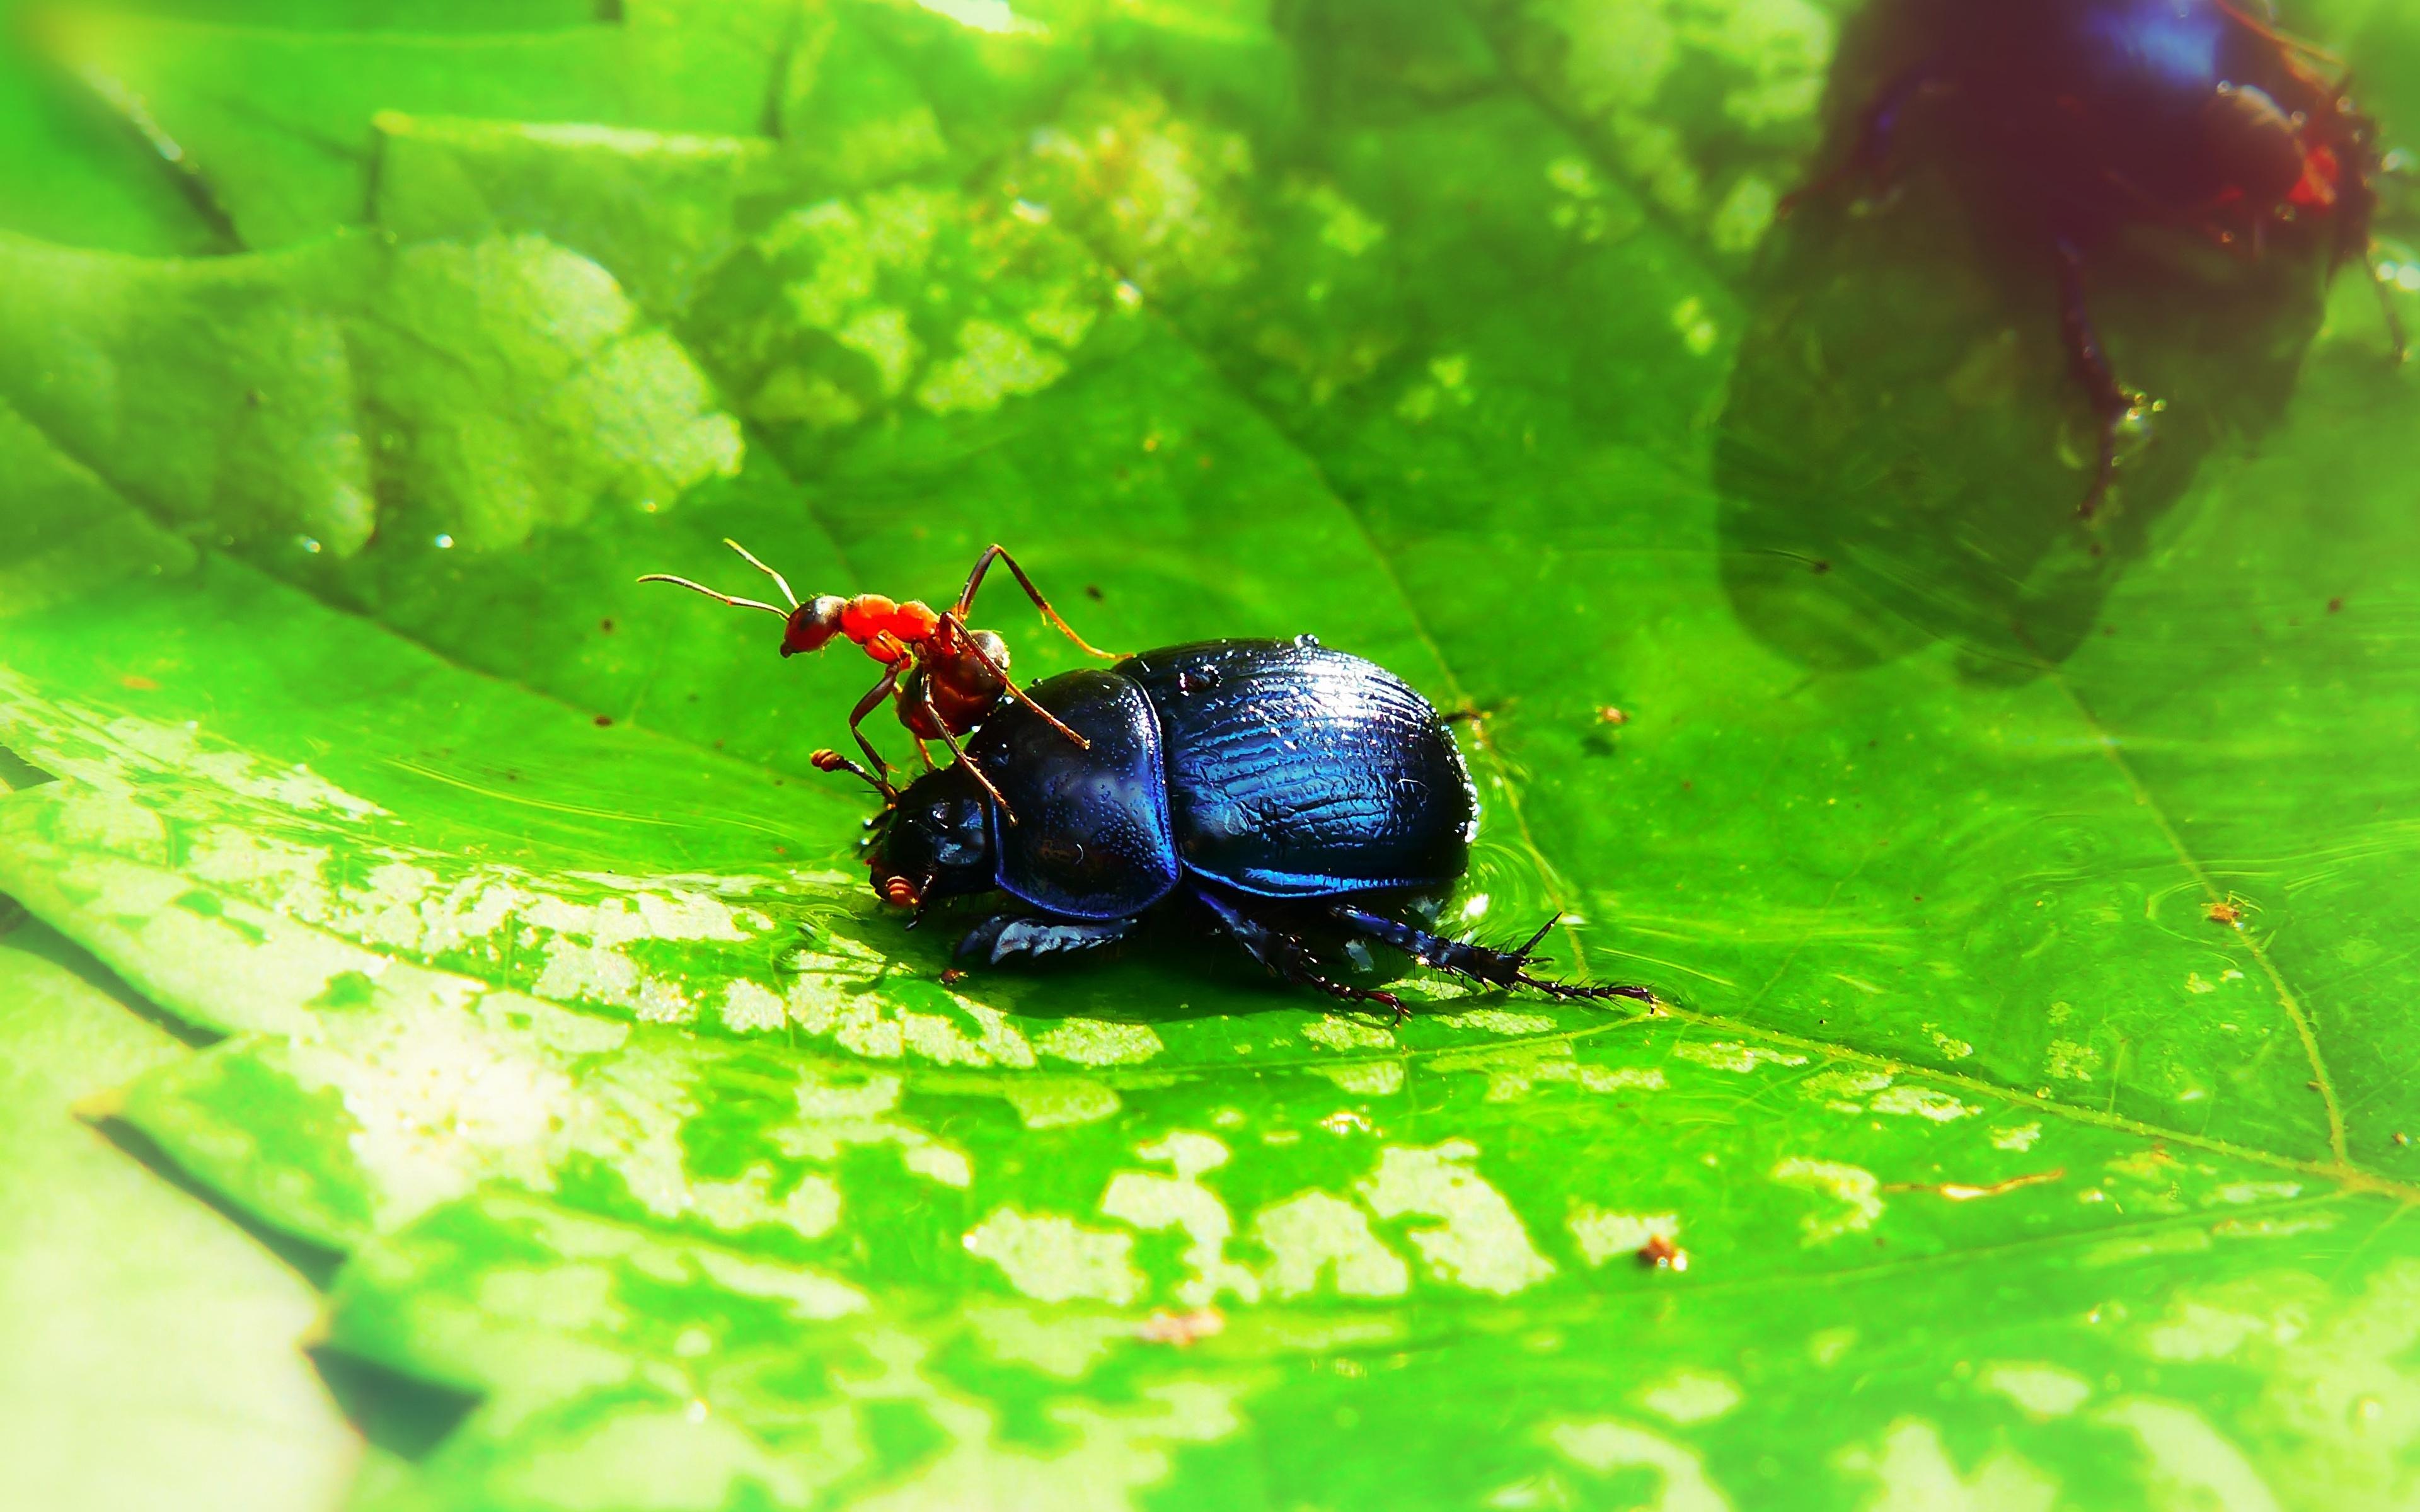 Фотография Жуки Муравьи насекомое Листва животное 3840x2400 Насекомые лист Листья Животные